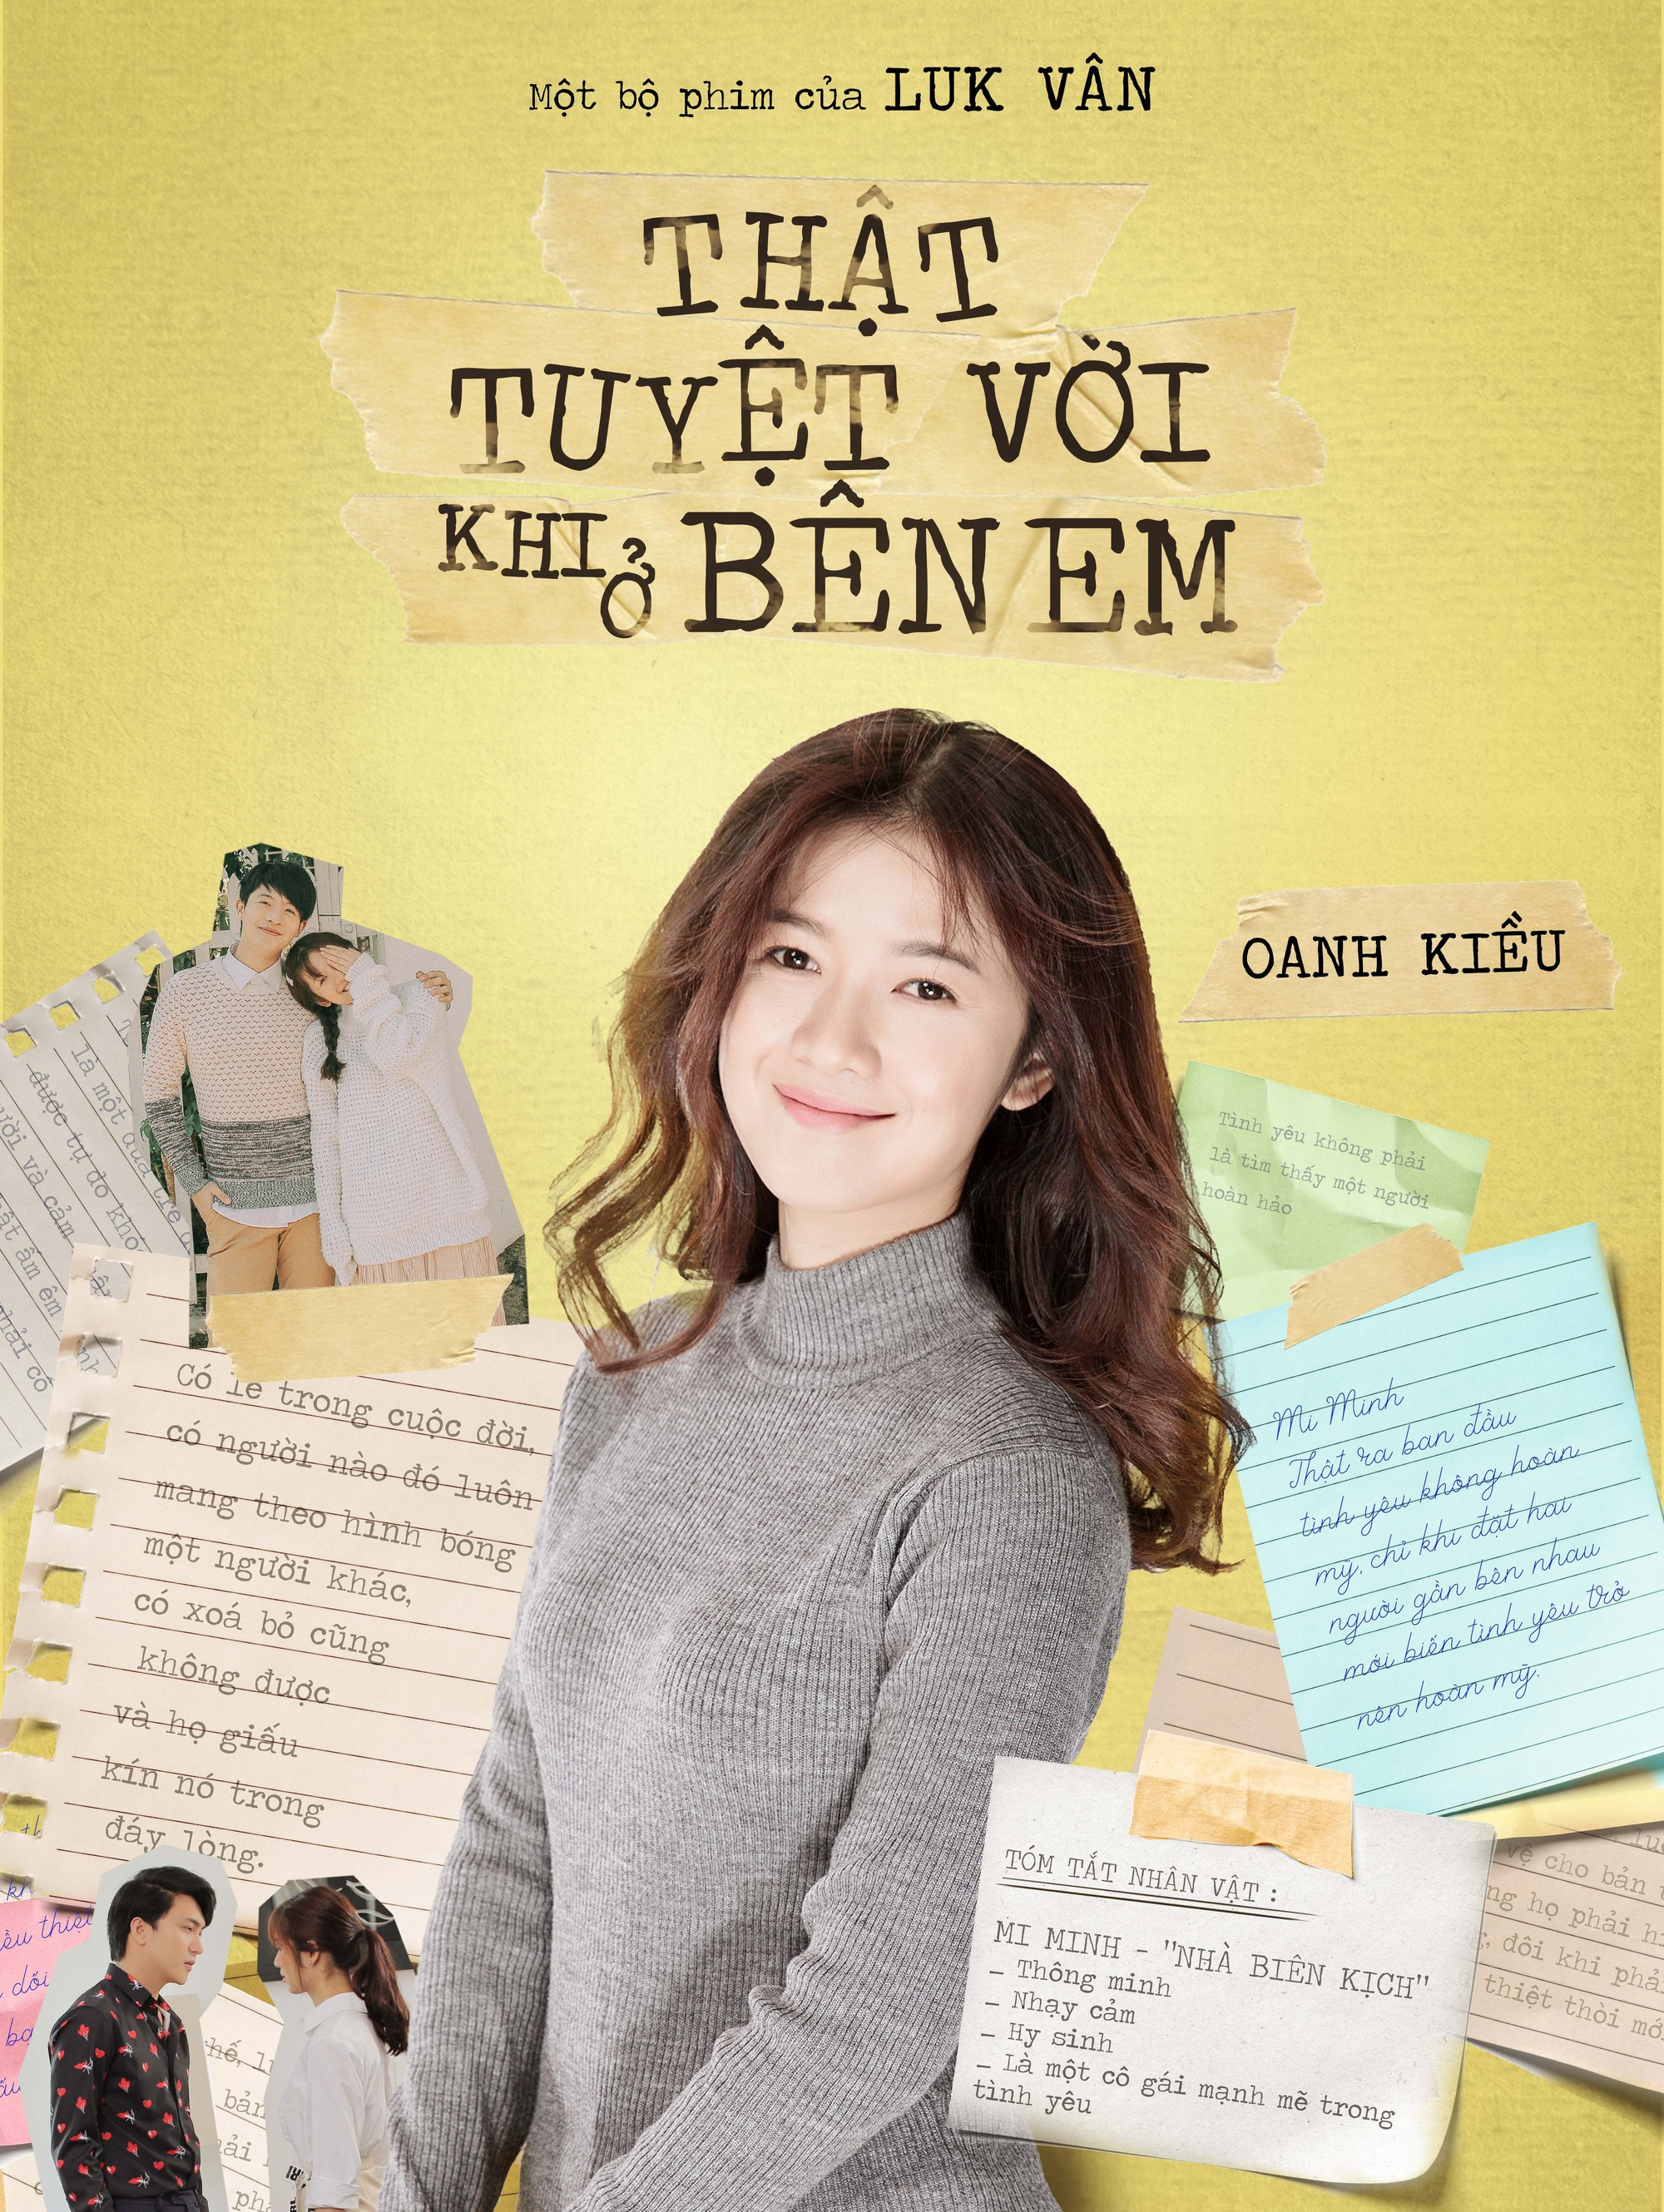 Oanh Kieu